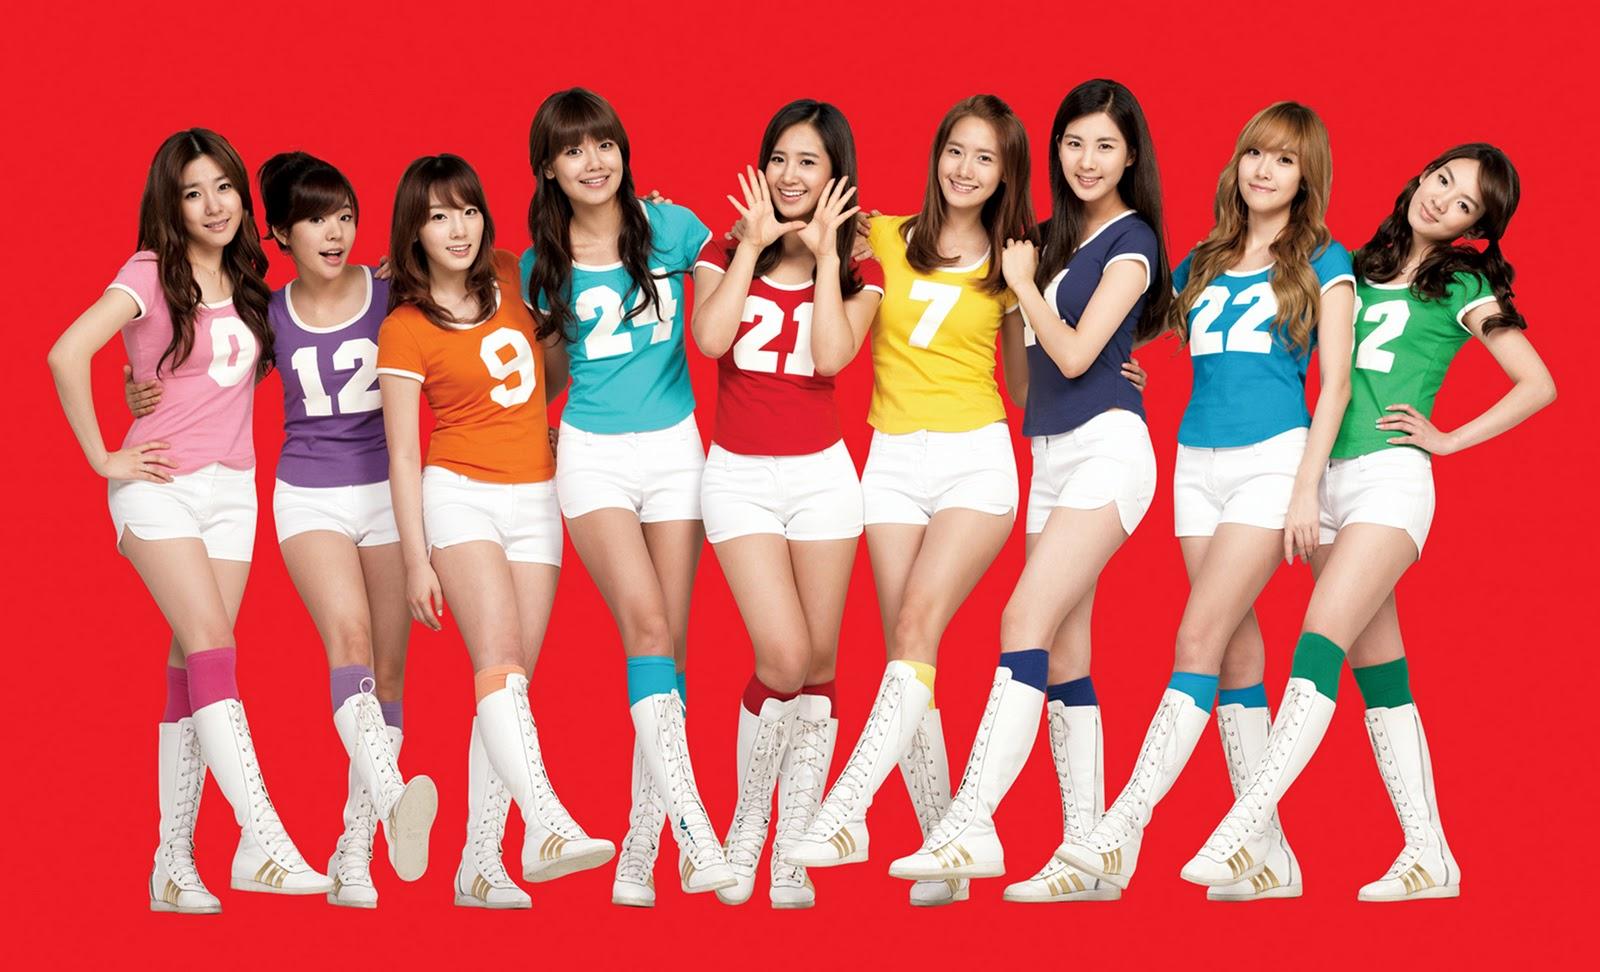 http://4.bp.blogspot.com/-OTJjUO2Yhjo/UAoISkXYa-I/AAAAAAAAEEg/i-iTk4wyxx4/s1600/SNSD+wear+Colorfull+Uniform.jpeg